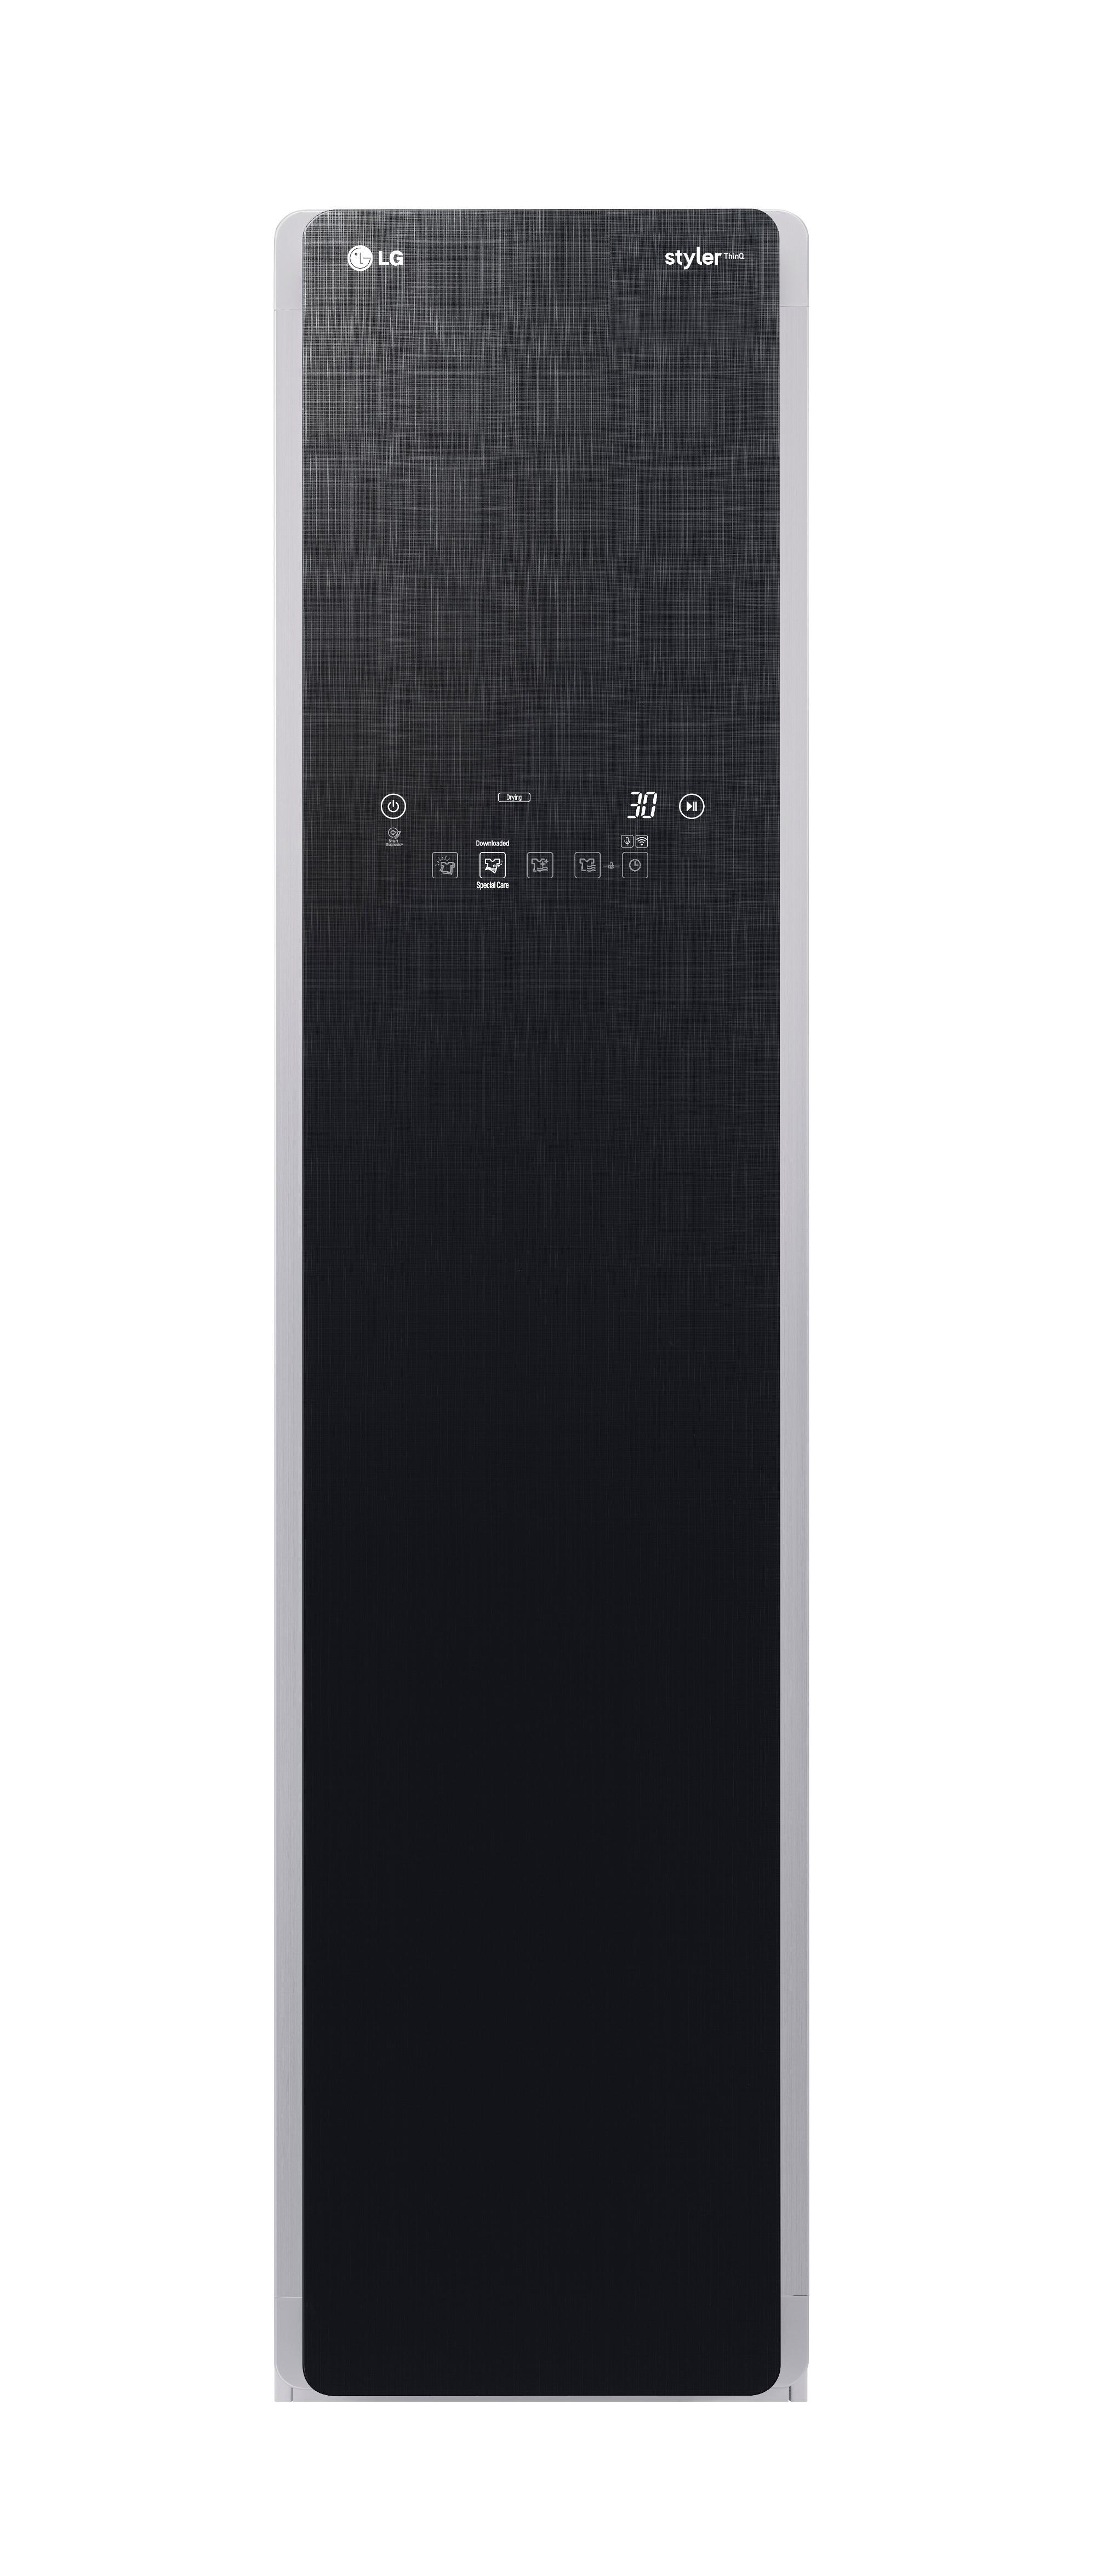 Front view of LG Styler door